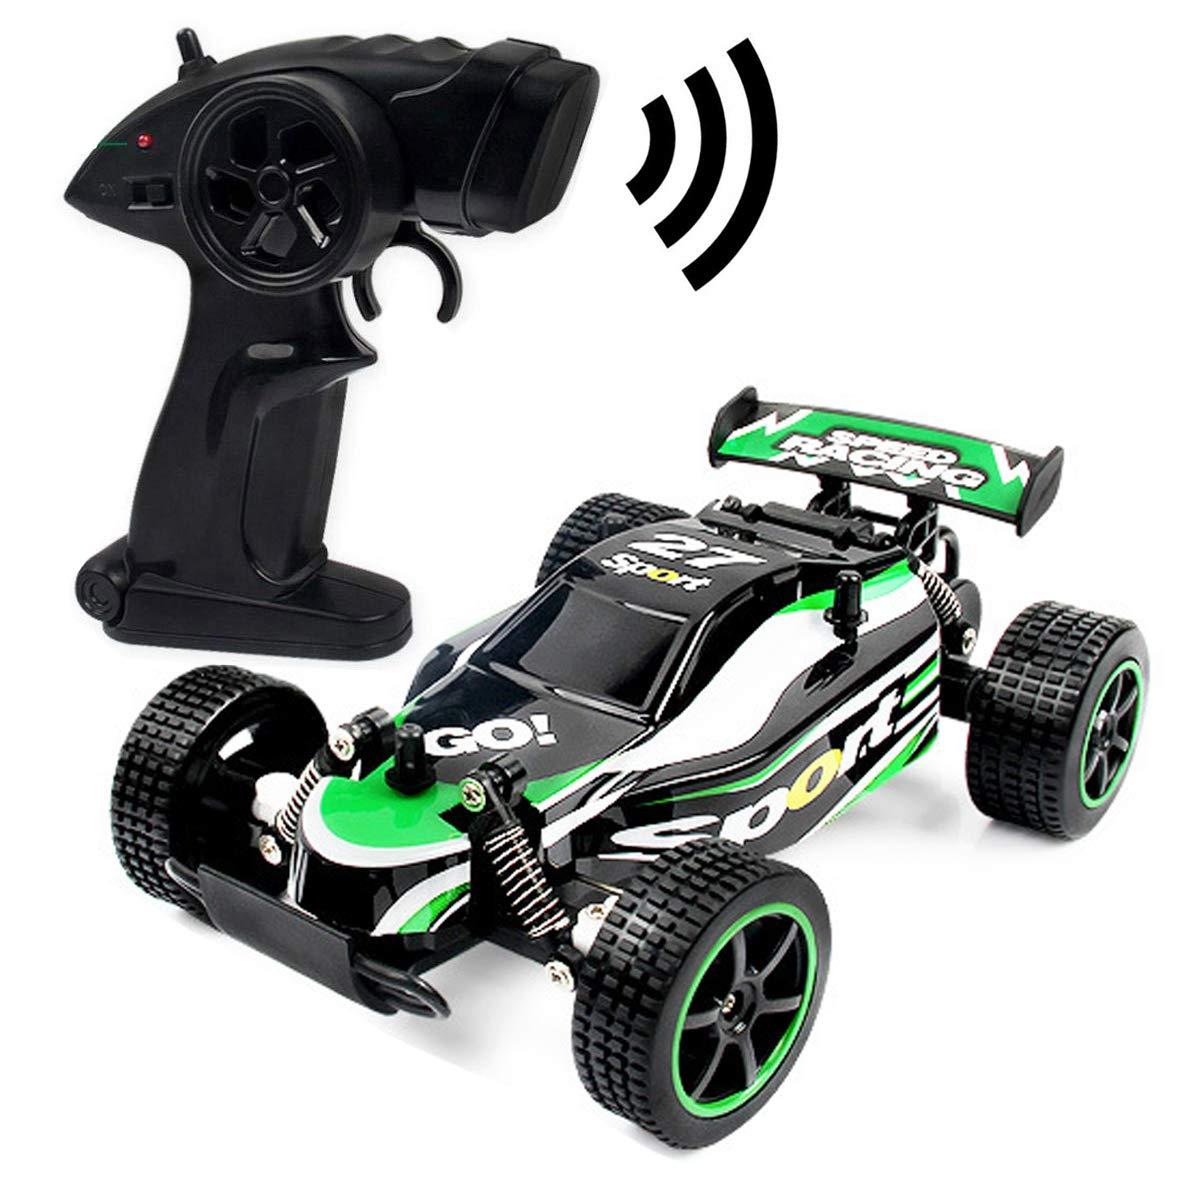 Amazon.com: Blexy - Mando a distancia para coche de alta ...